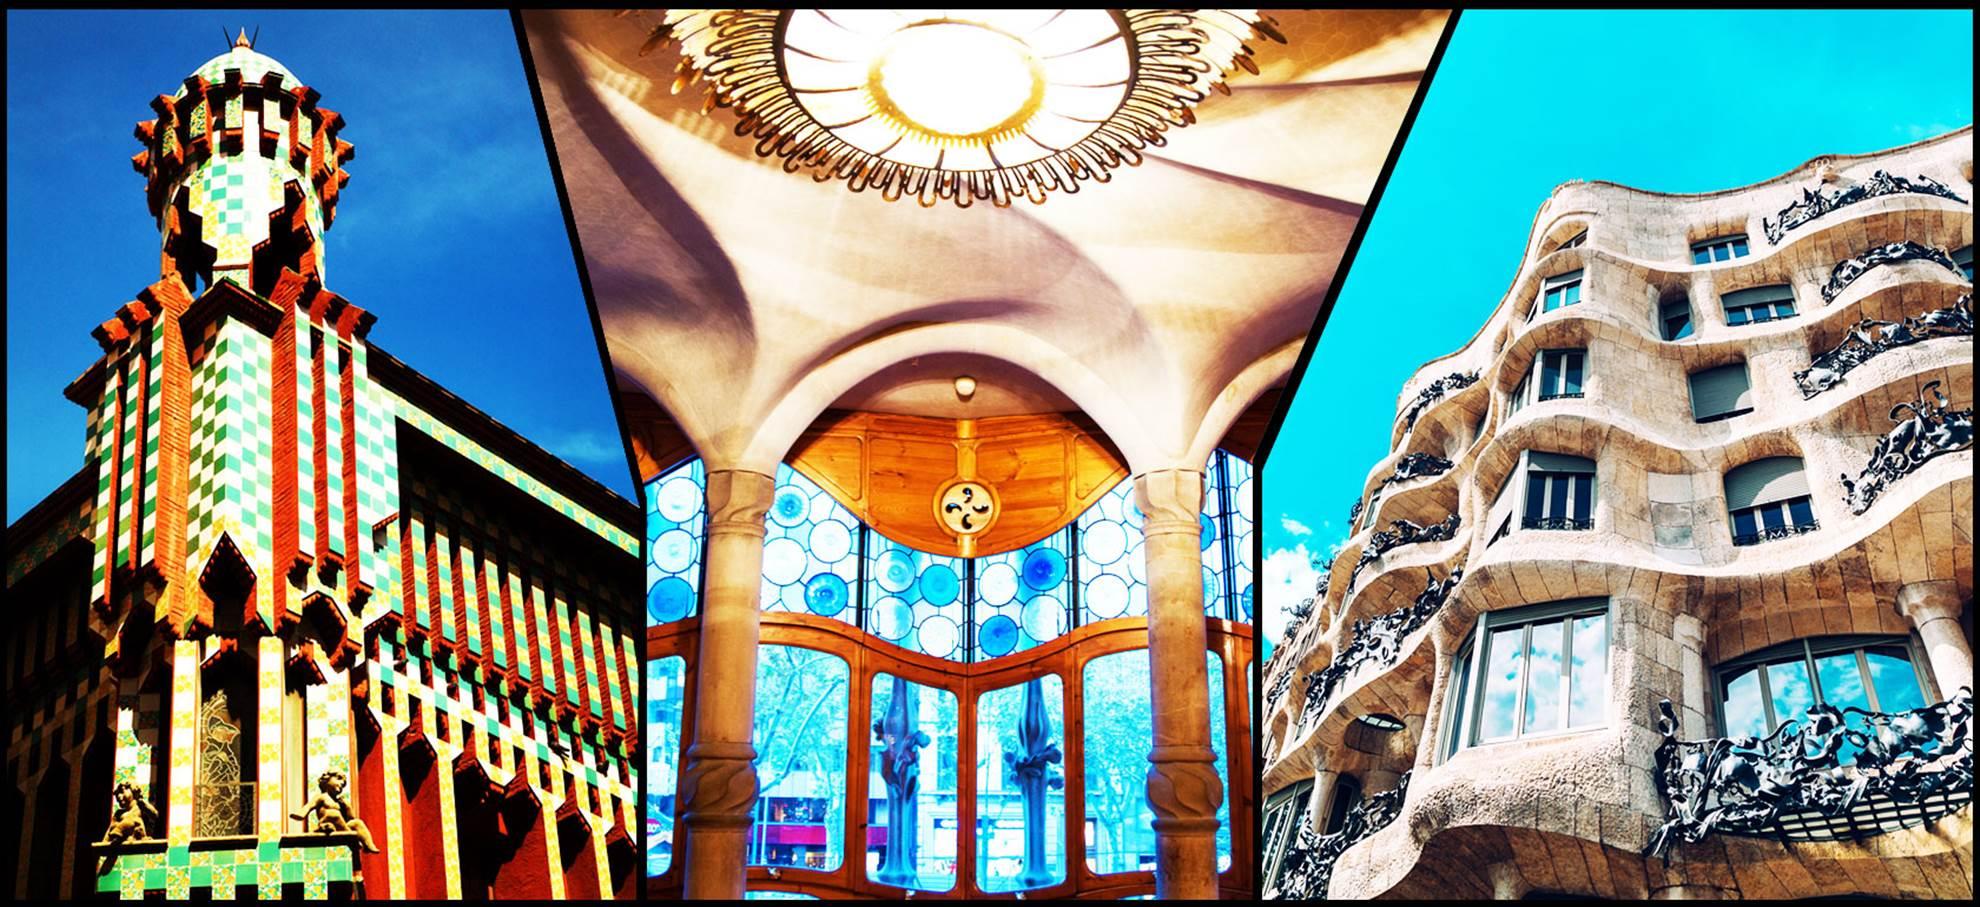 Die drei Häuser von Gaudi - Direkter eintritt in Casa Batllo, Mila und Vicens!